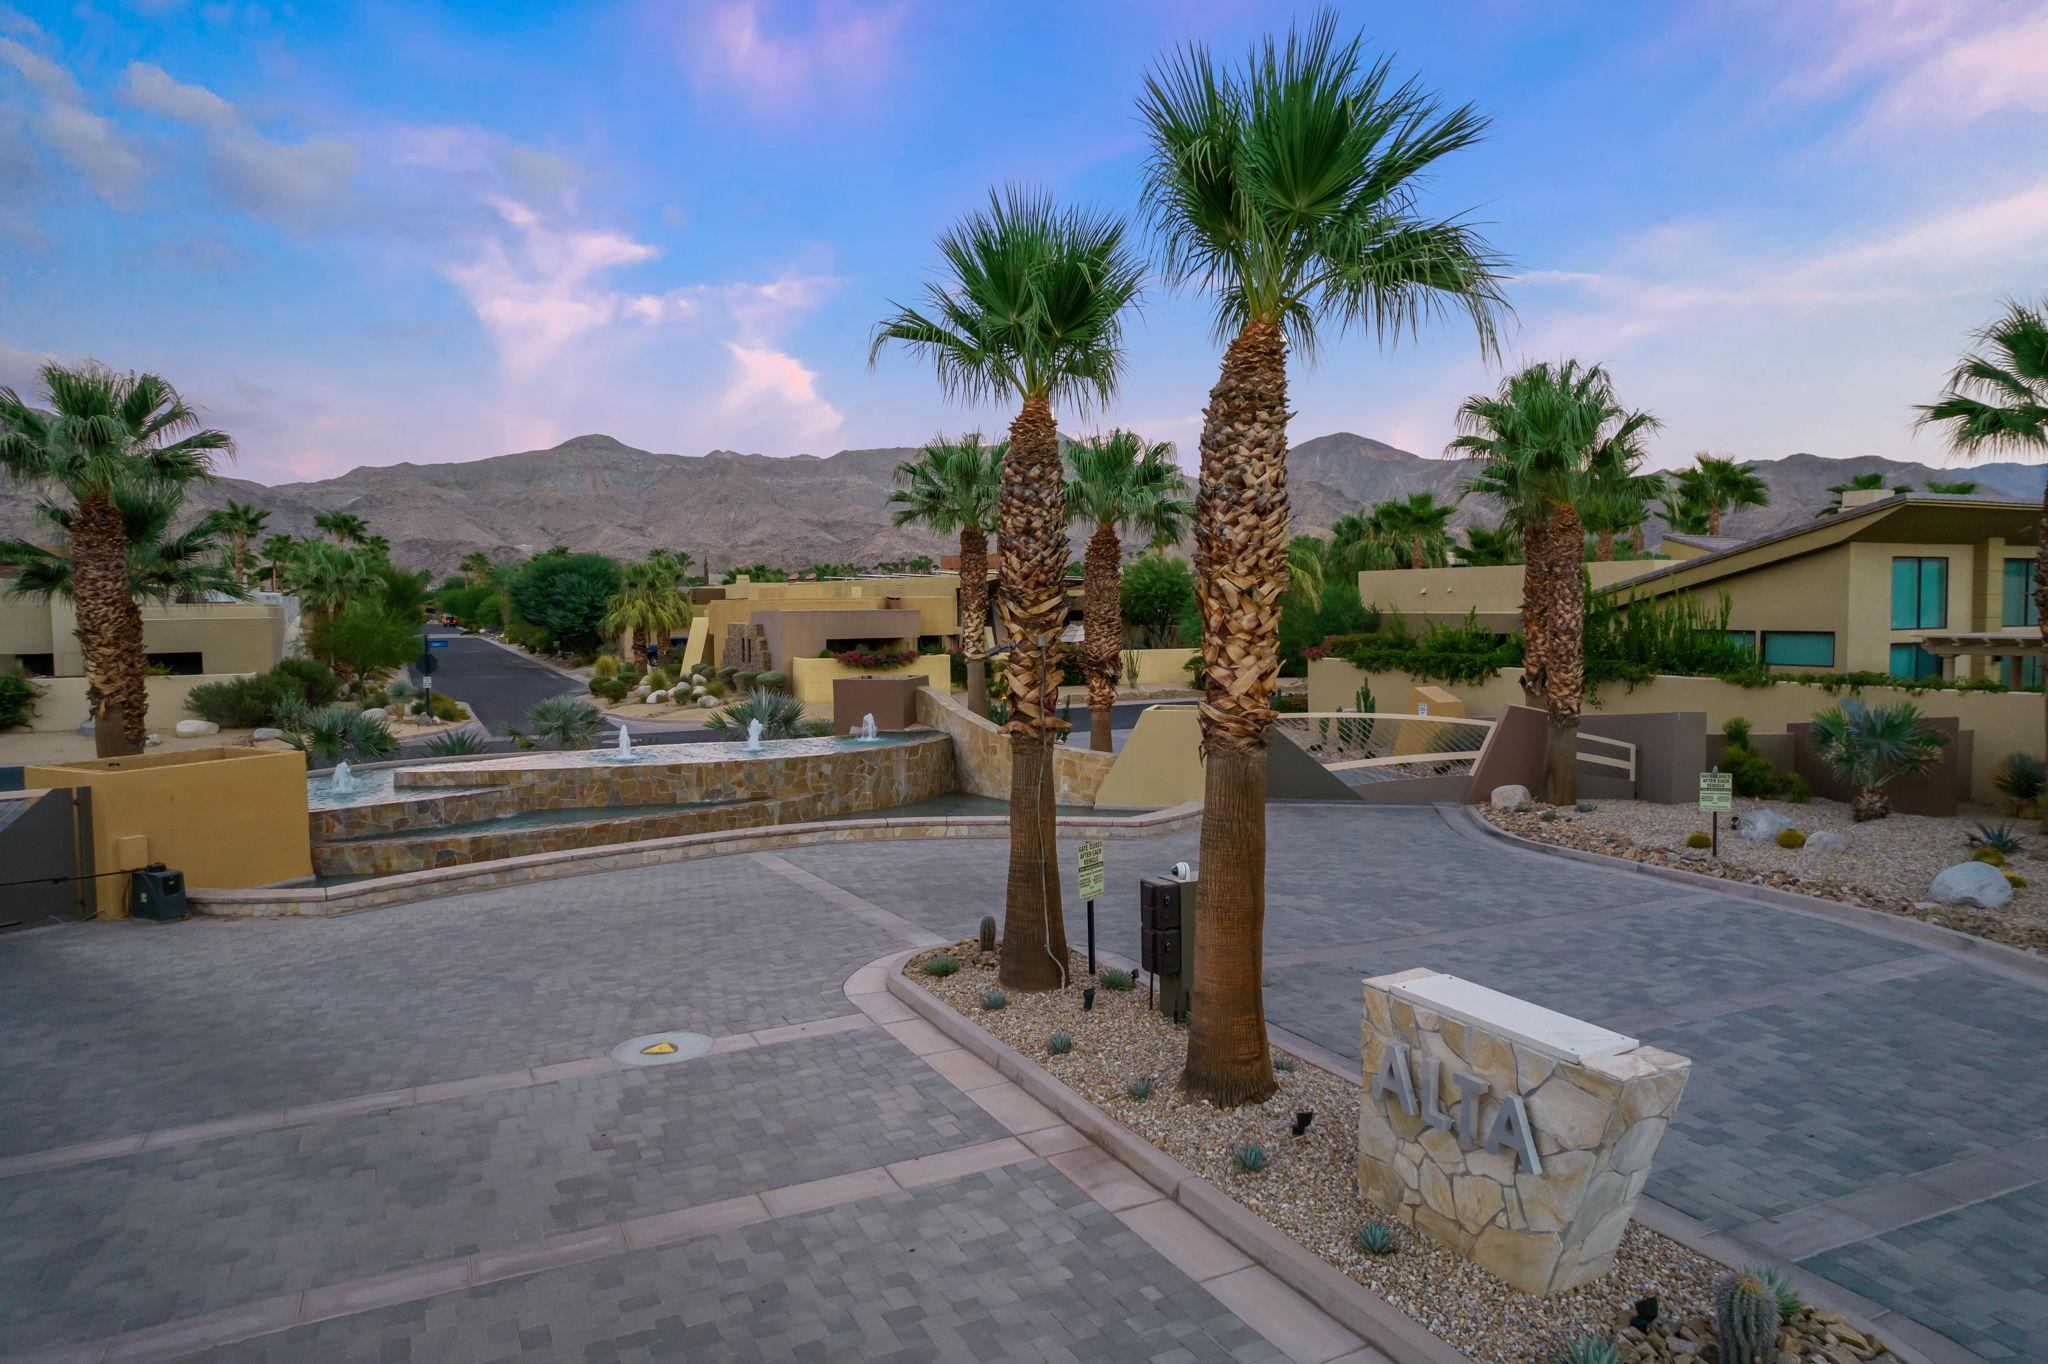 398 Patel Pl, Palm Springs, CA 92264, USA Photo 108